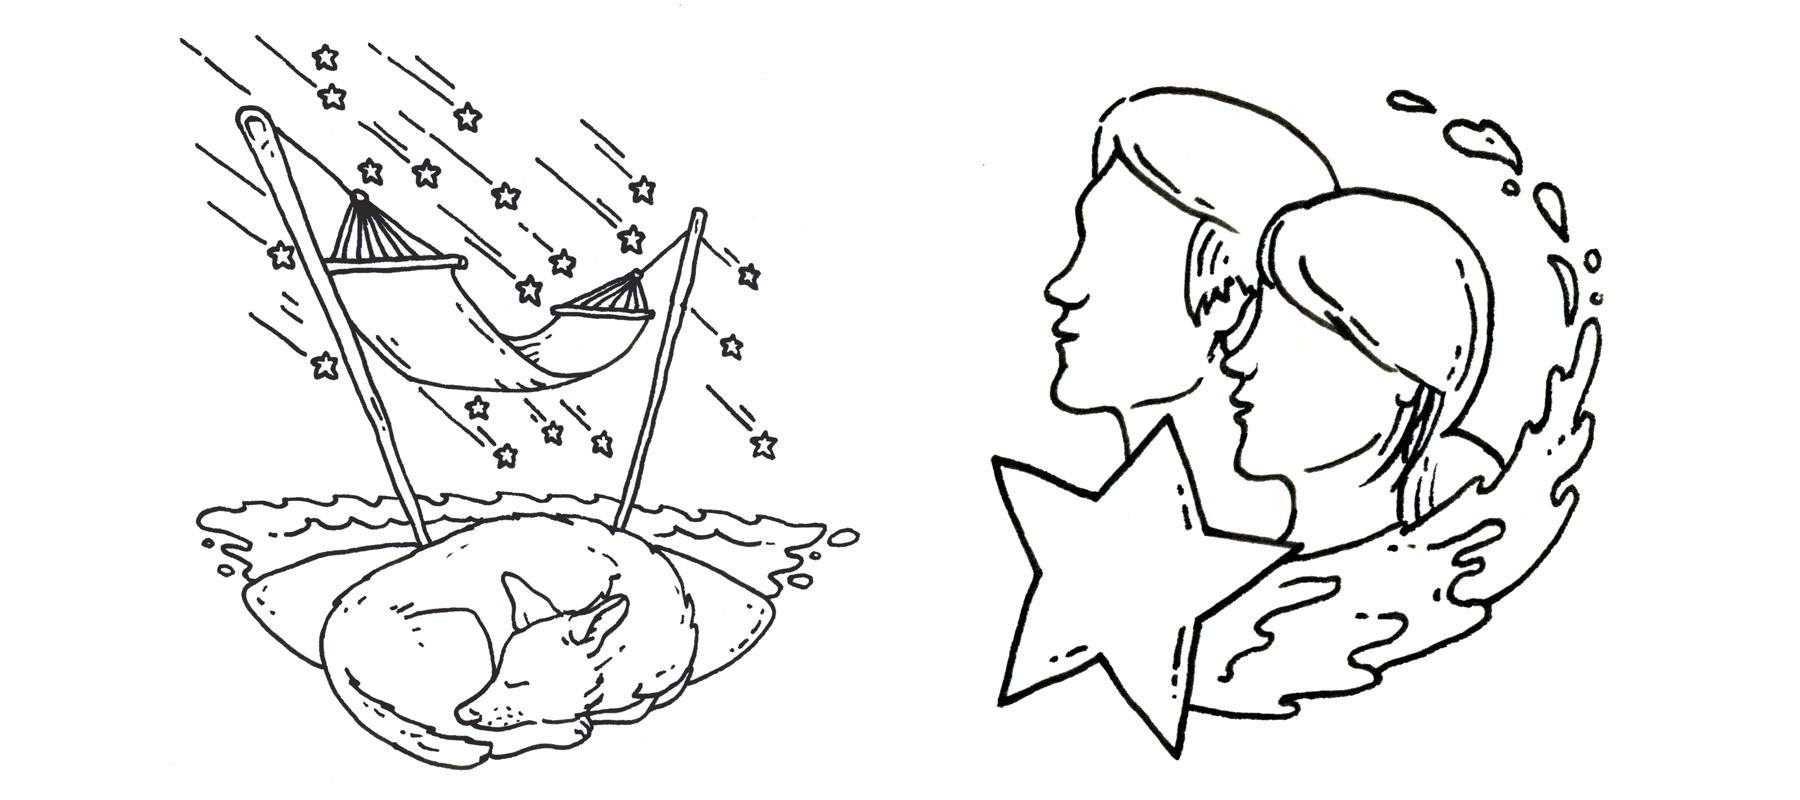 Taylor-Baldry-Spot-Illustrations-UUA-4.jpg